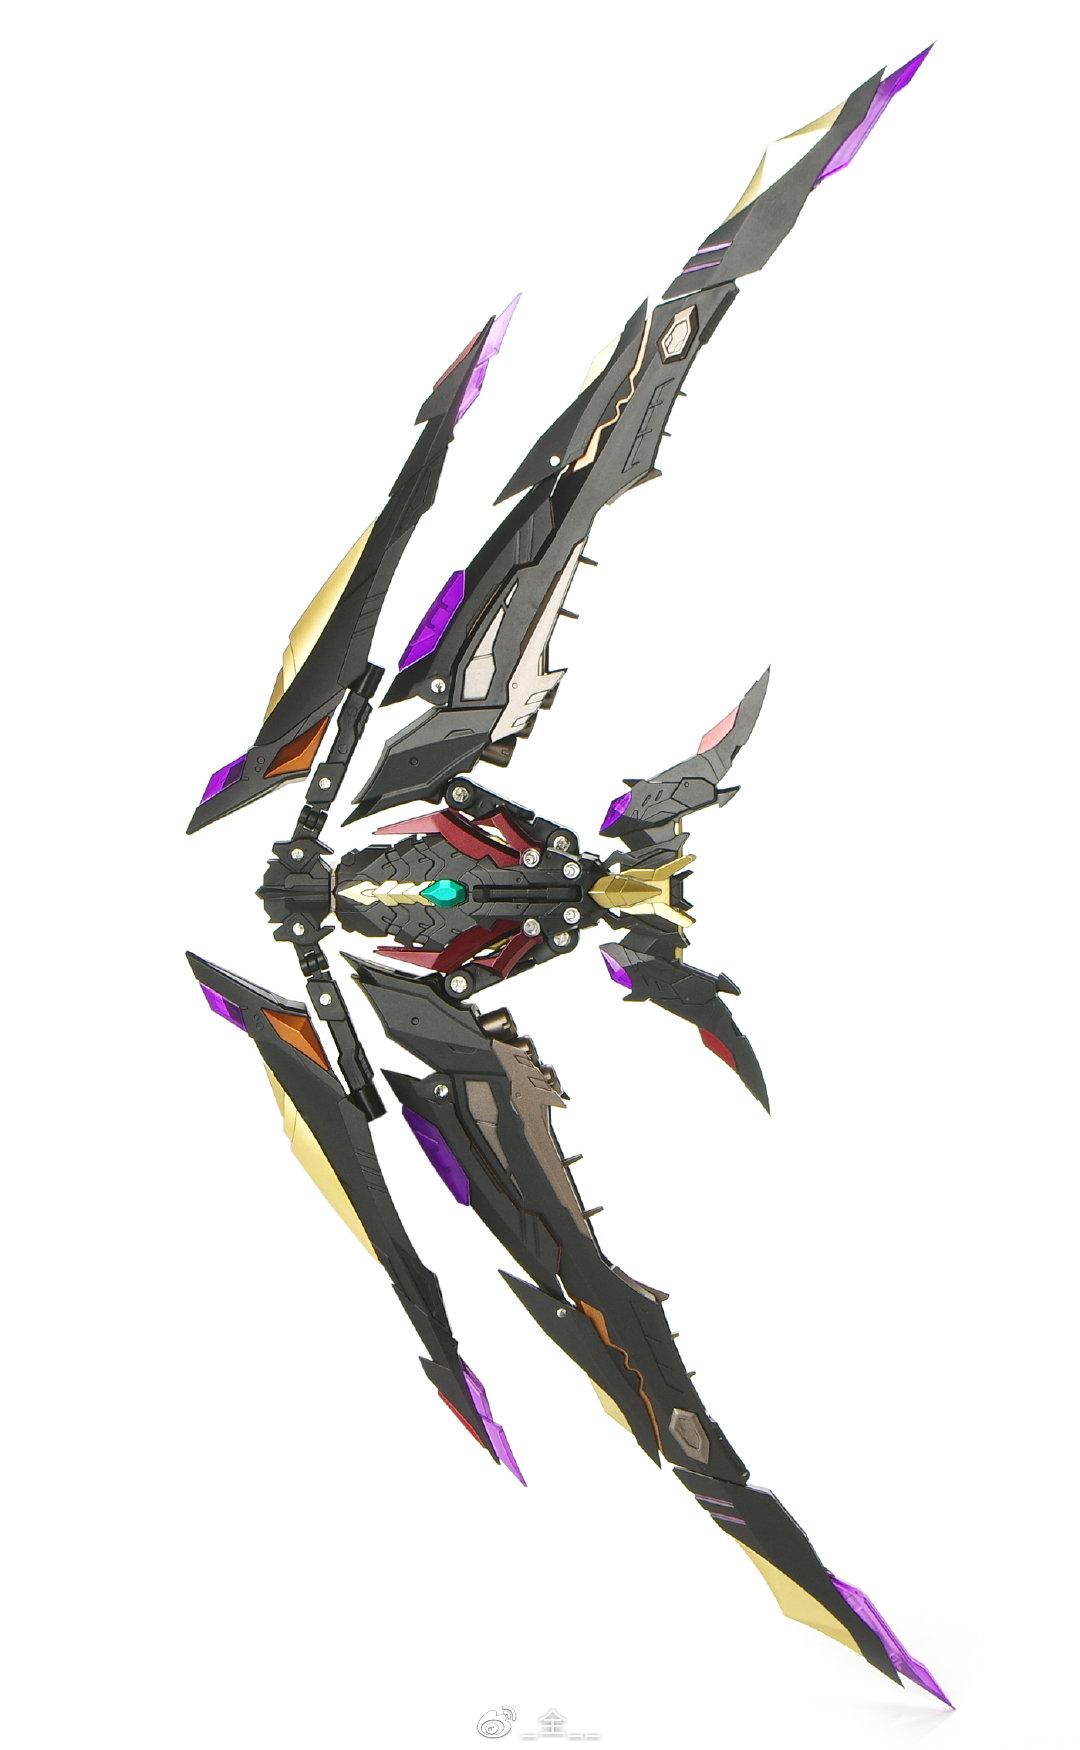 S576_MOTOR_NUCLEAR_ryofu_1005_148.jpg